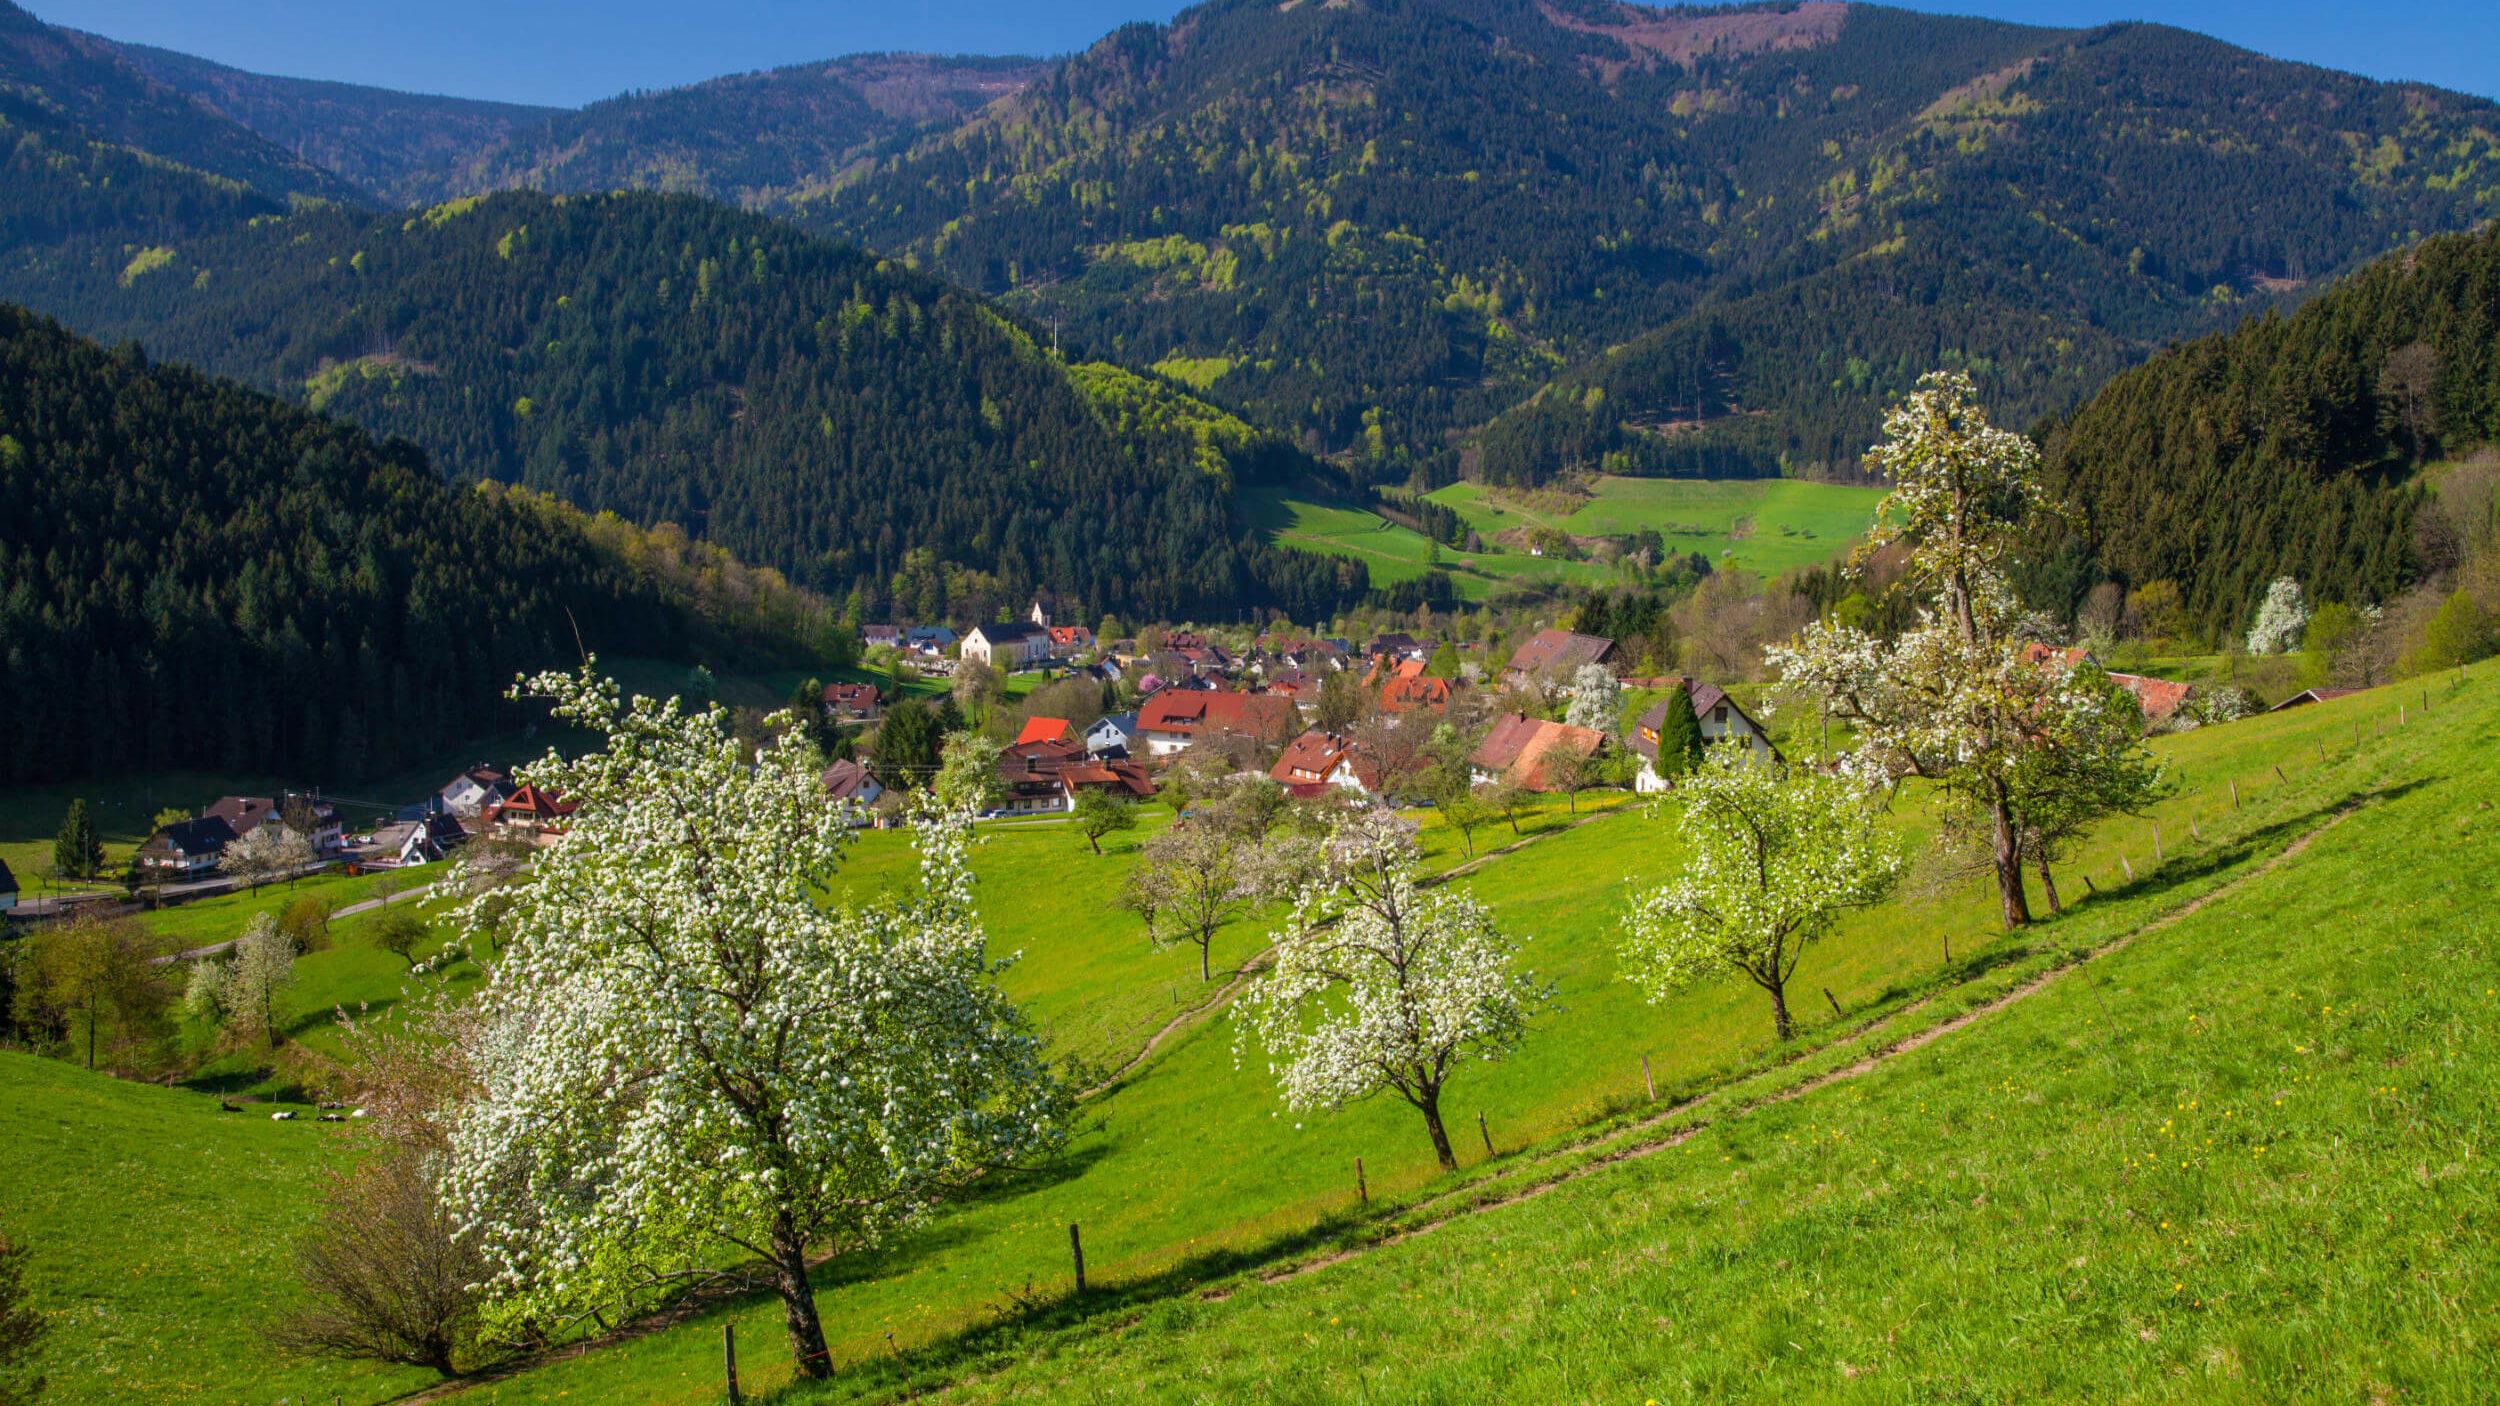 Blühende Apfelbäume im Tal